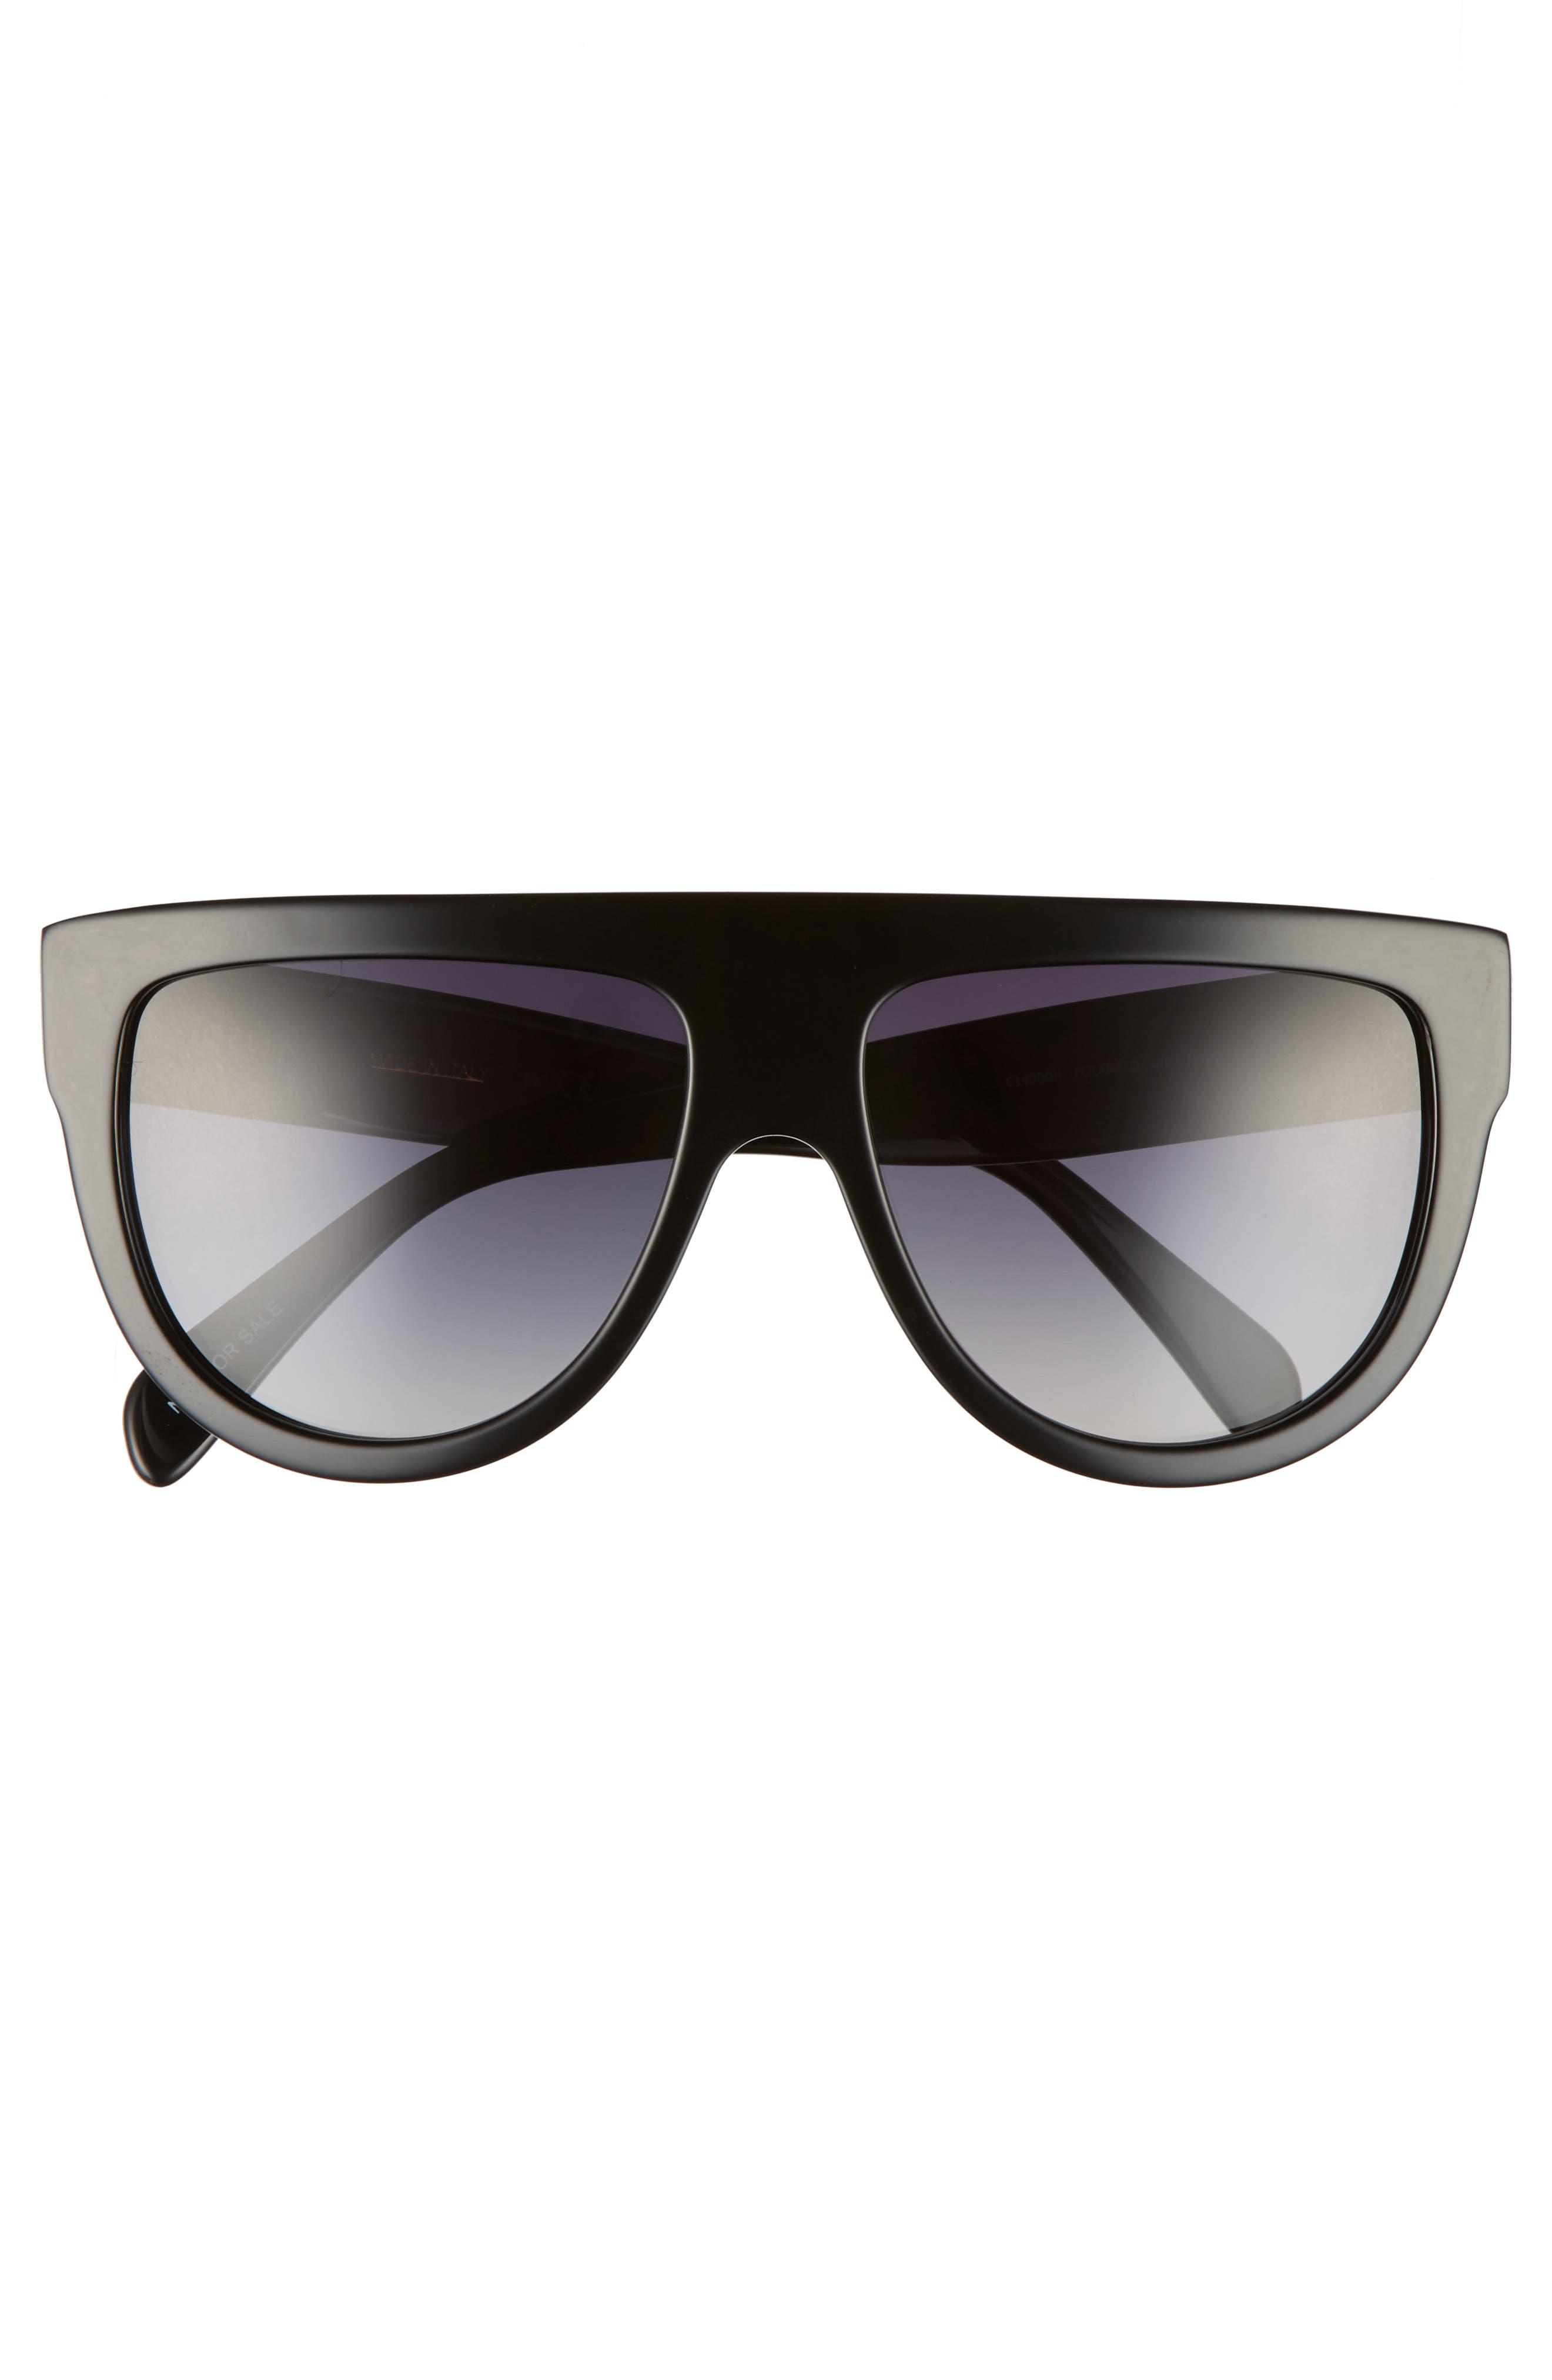 58mm Pilot Sunglasses,                             Alternate thumbnail 3, color,                             BLACK/ SMOKE